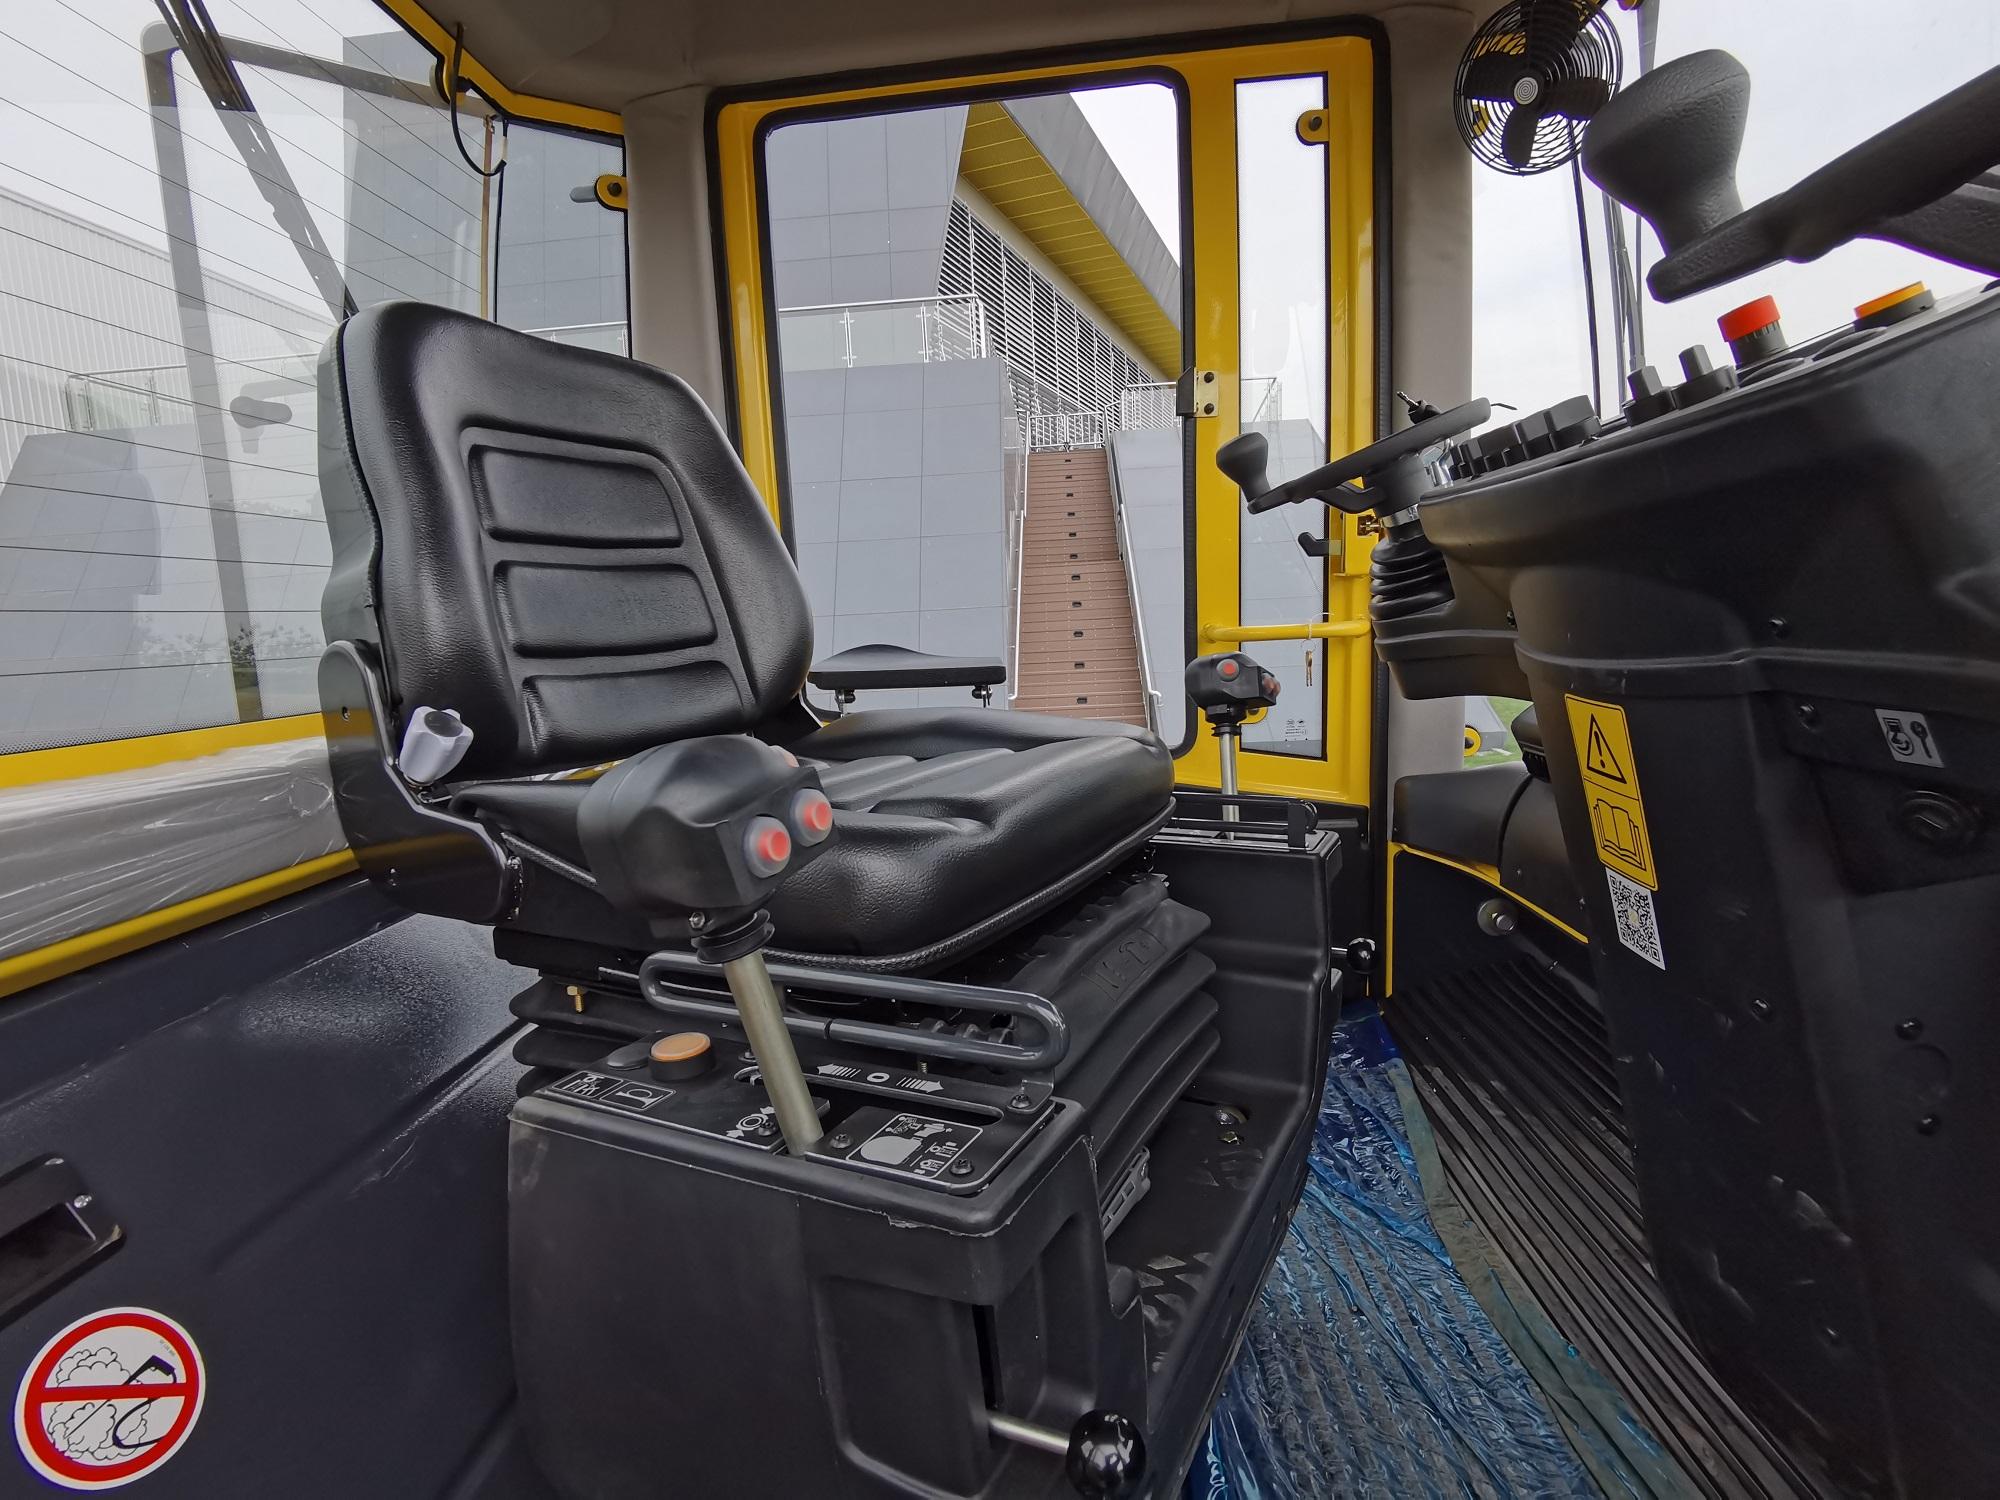 【多图】宝马格 BW203AD-4压路机可调节座椅细节图_高清图